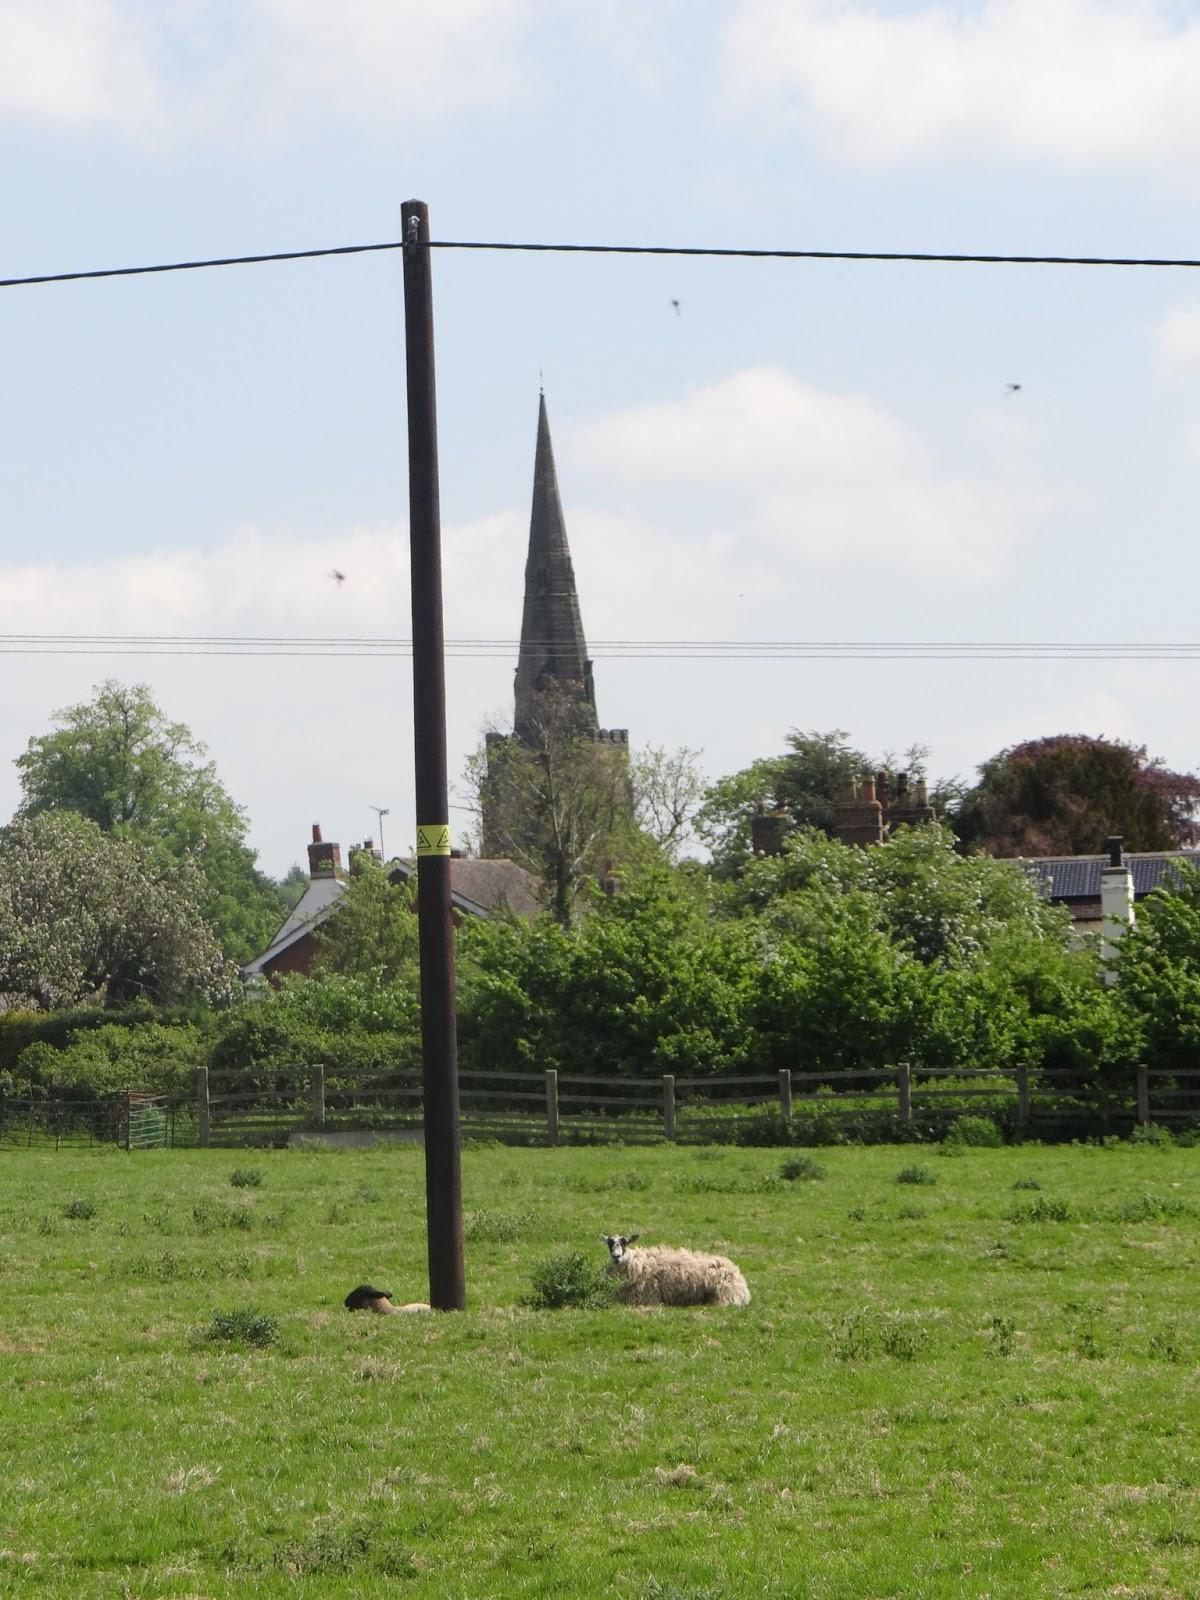 A Pole, and a Church